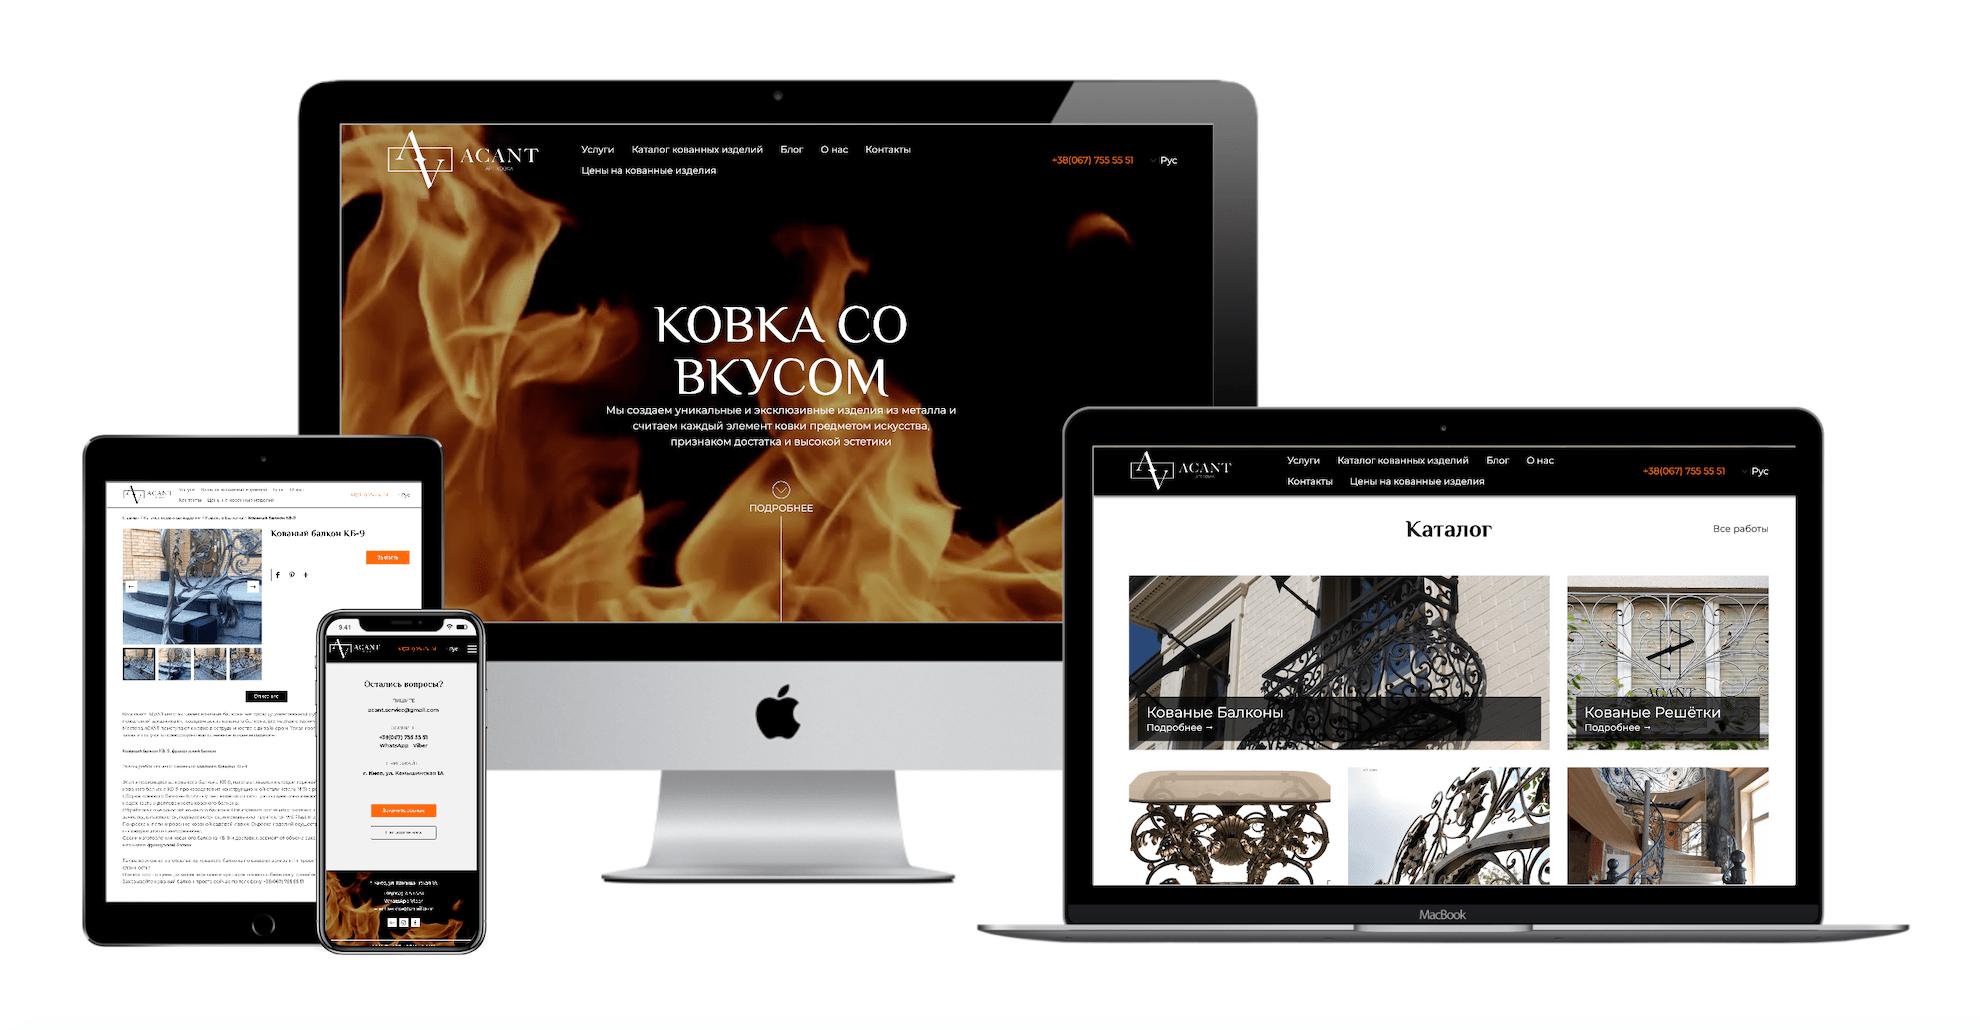 Разработка логотипа и сайта для компании ACANT